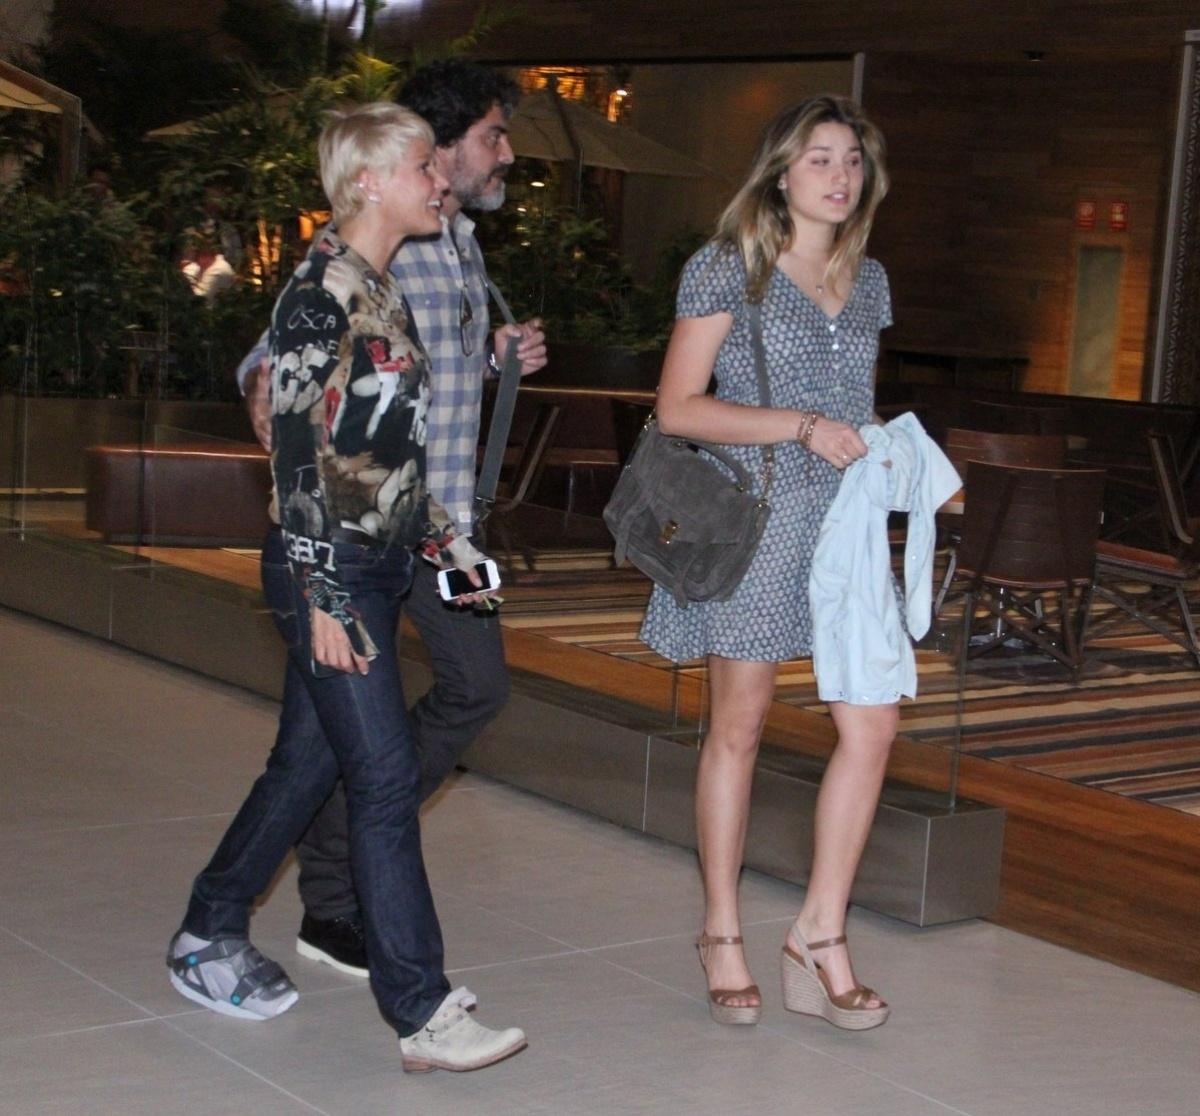 11.set.2014 - Xuxa é vista passeando em shopping com o namorado, Junno, e a filha, Sasha